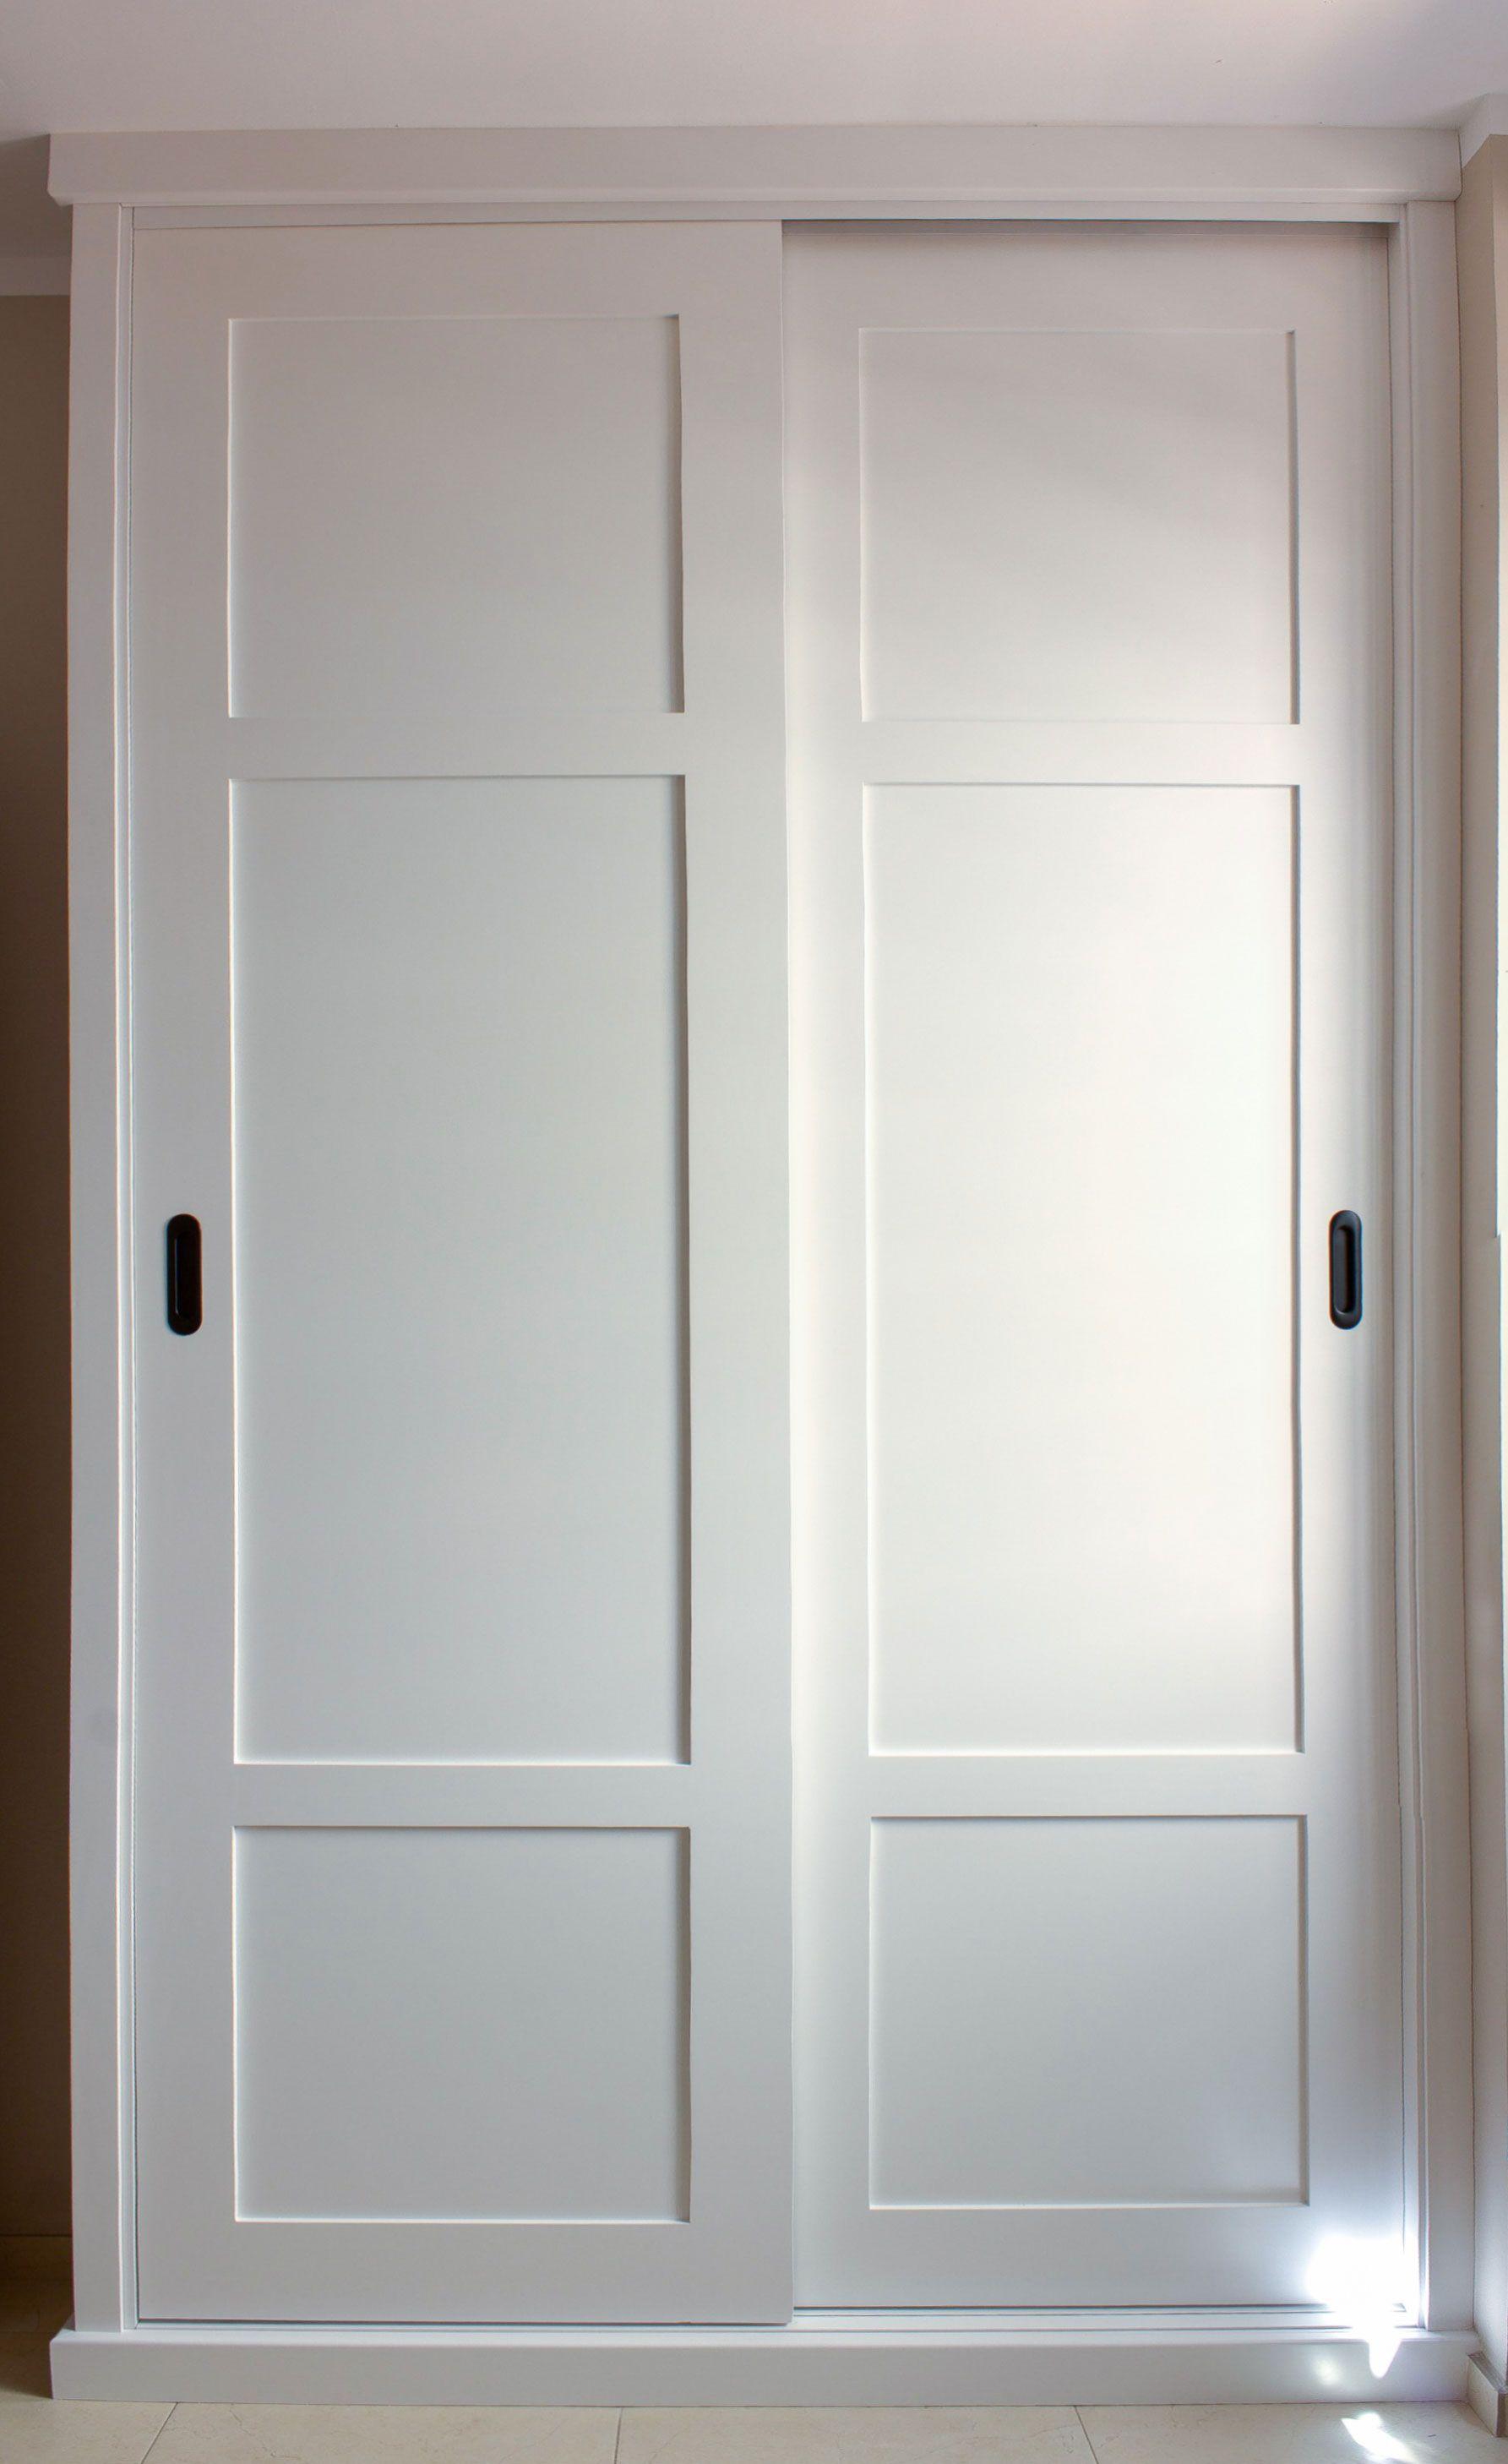 Armario empotrado amedida color blanco puertas - Armario blanco puertas correderas ...